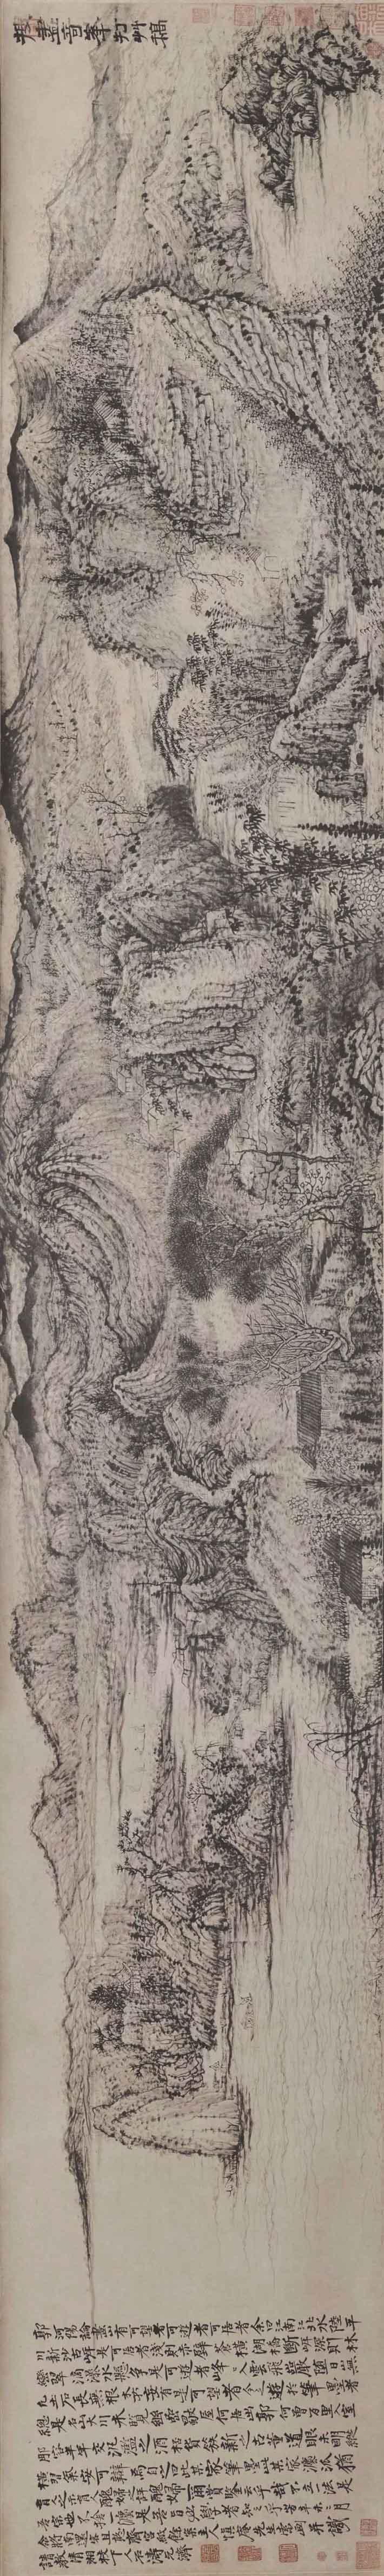 搜尽奇峰打草稿图 石涛 1691 年